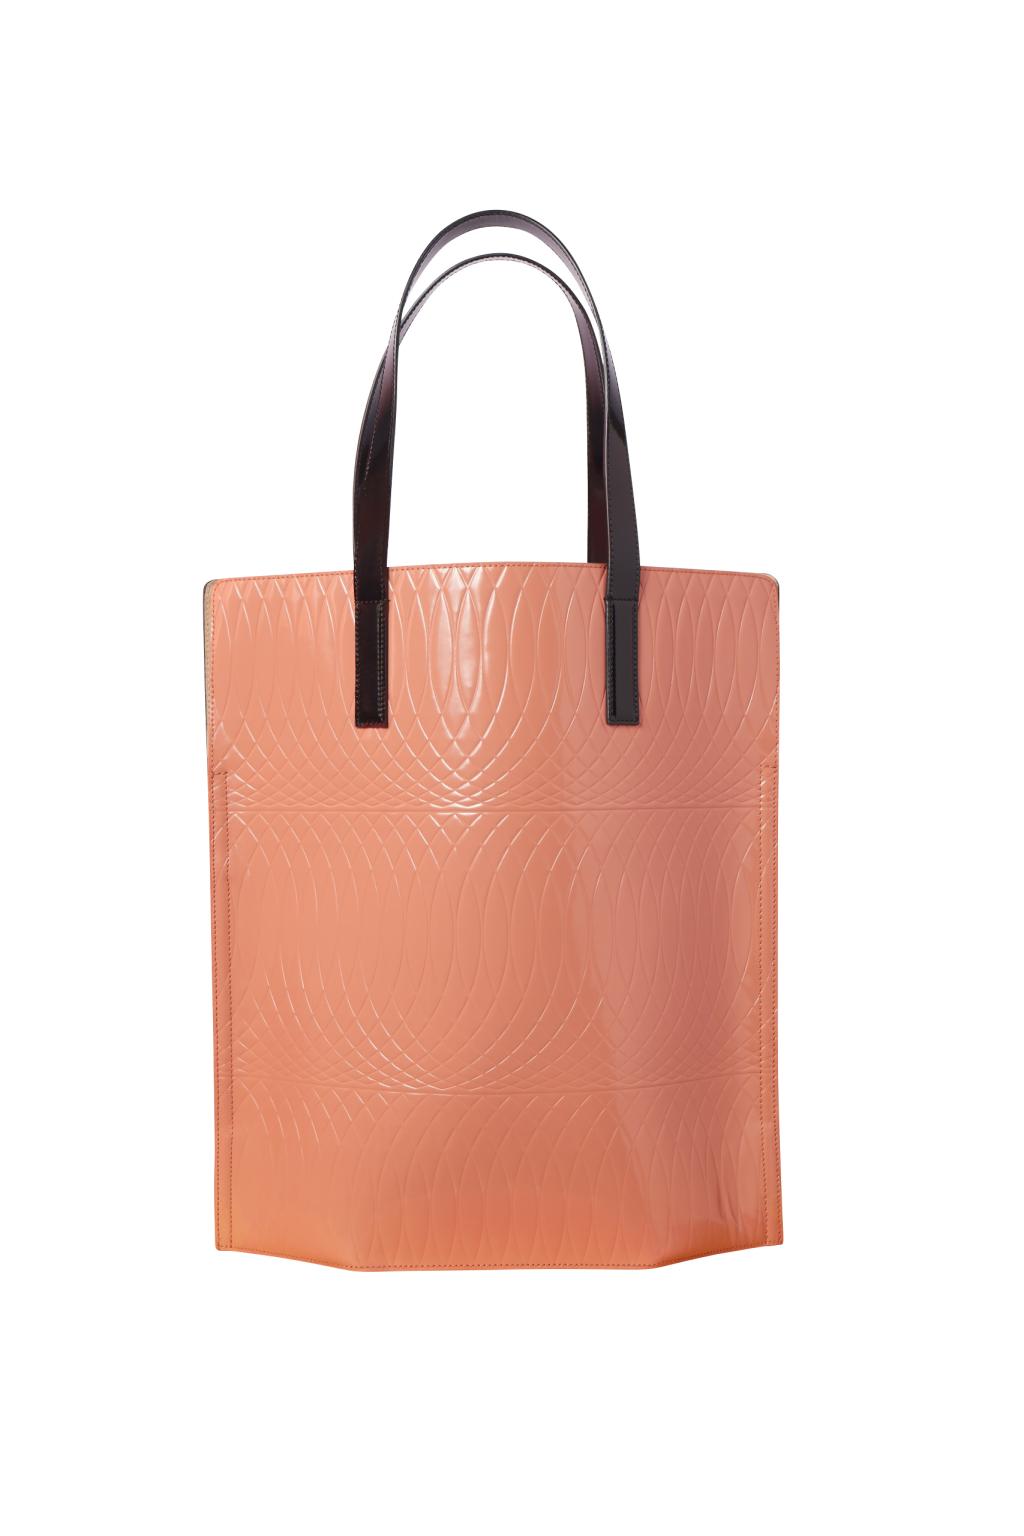 Большие сумки: модные тренды - сумка прямоугольной формы из коллекции Paul Smith.